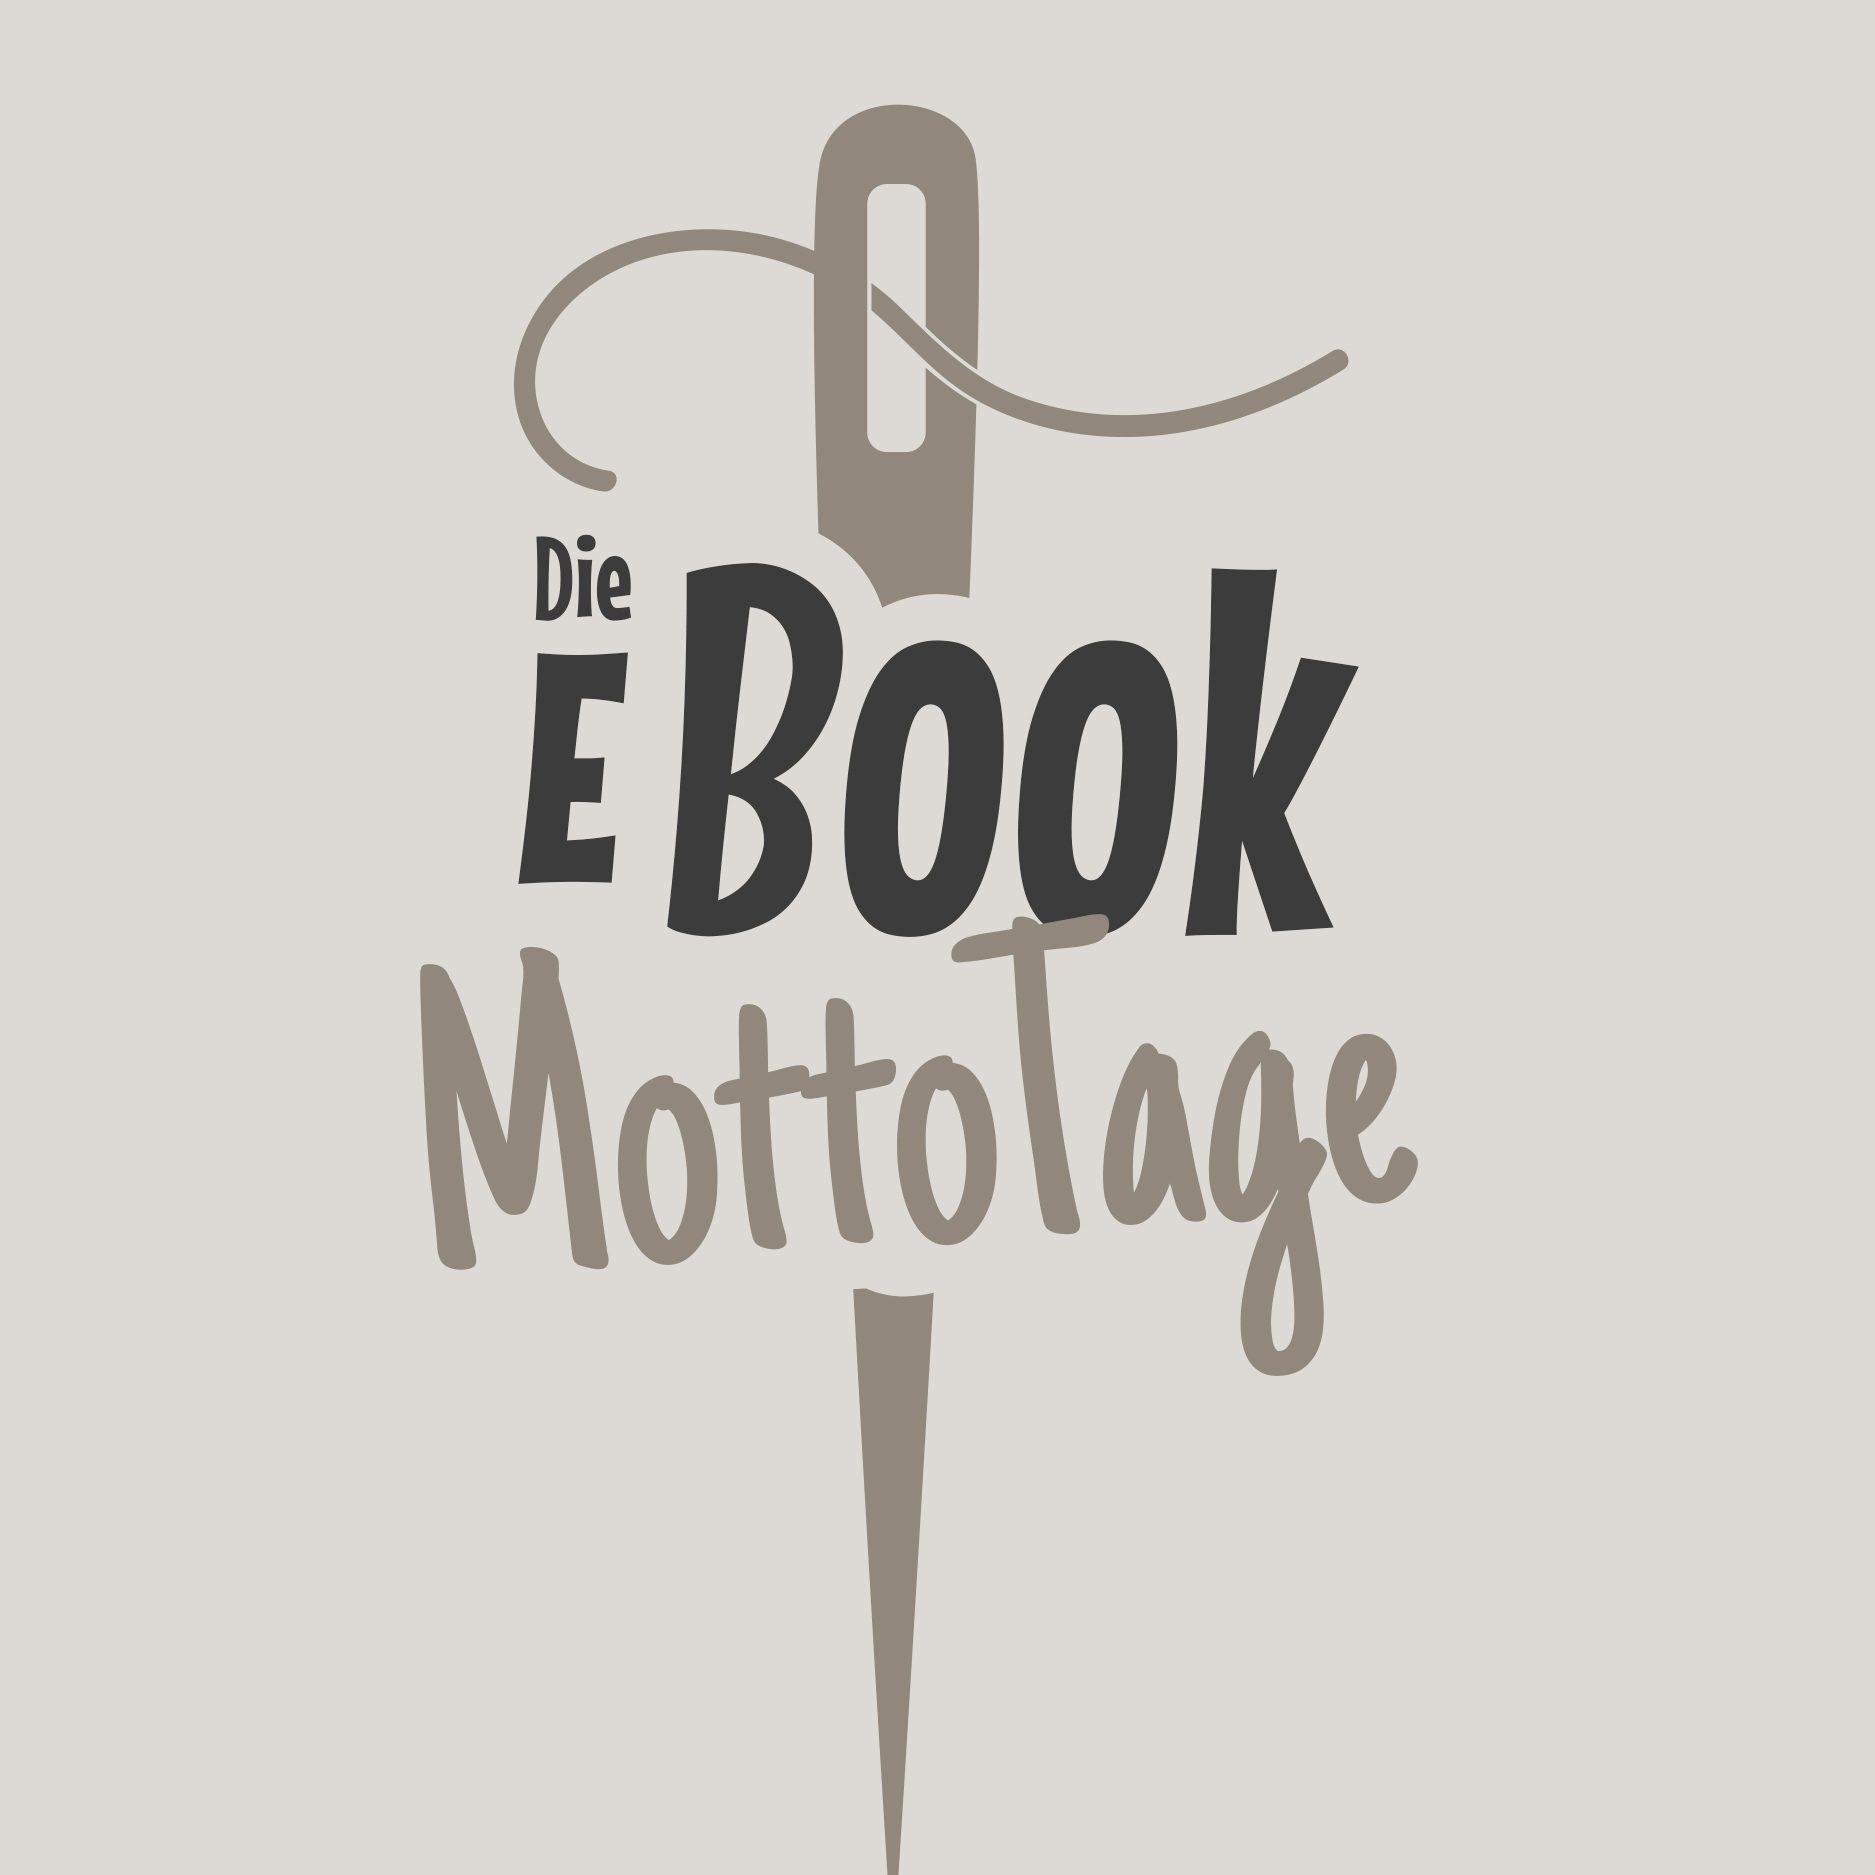 MottoTage von Die Ebookmacher! 4 Tage 25% Rabatt auf ausgewählte Schnittmuster!